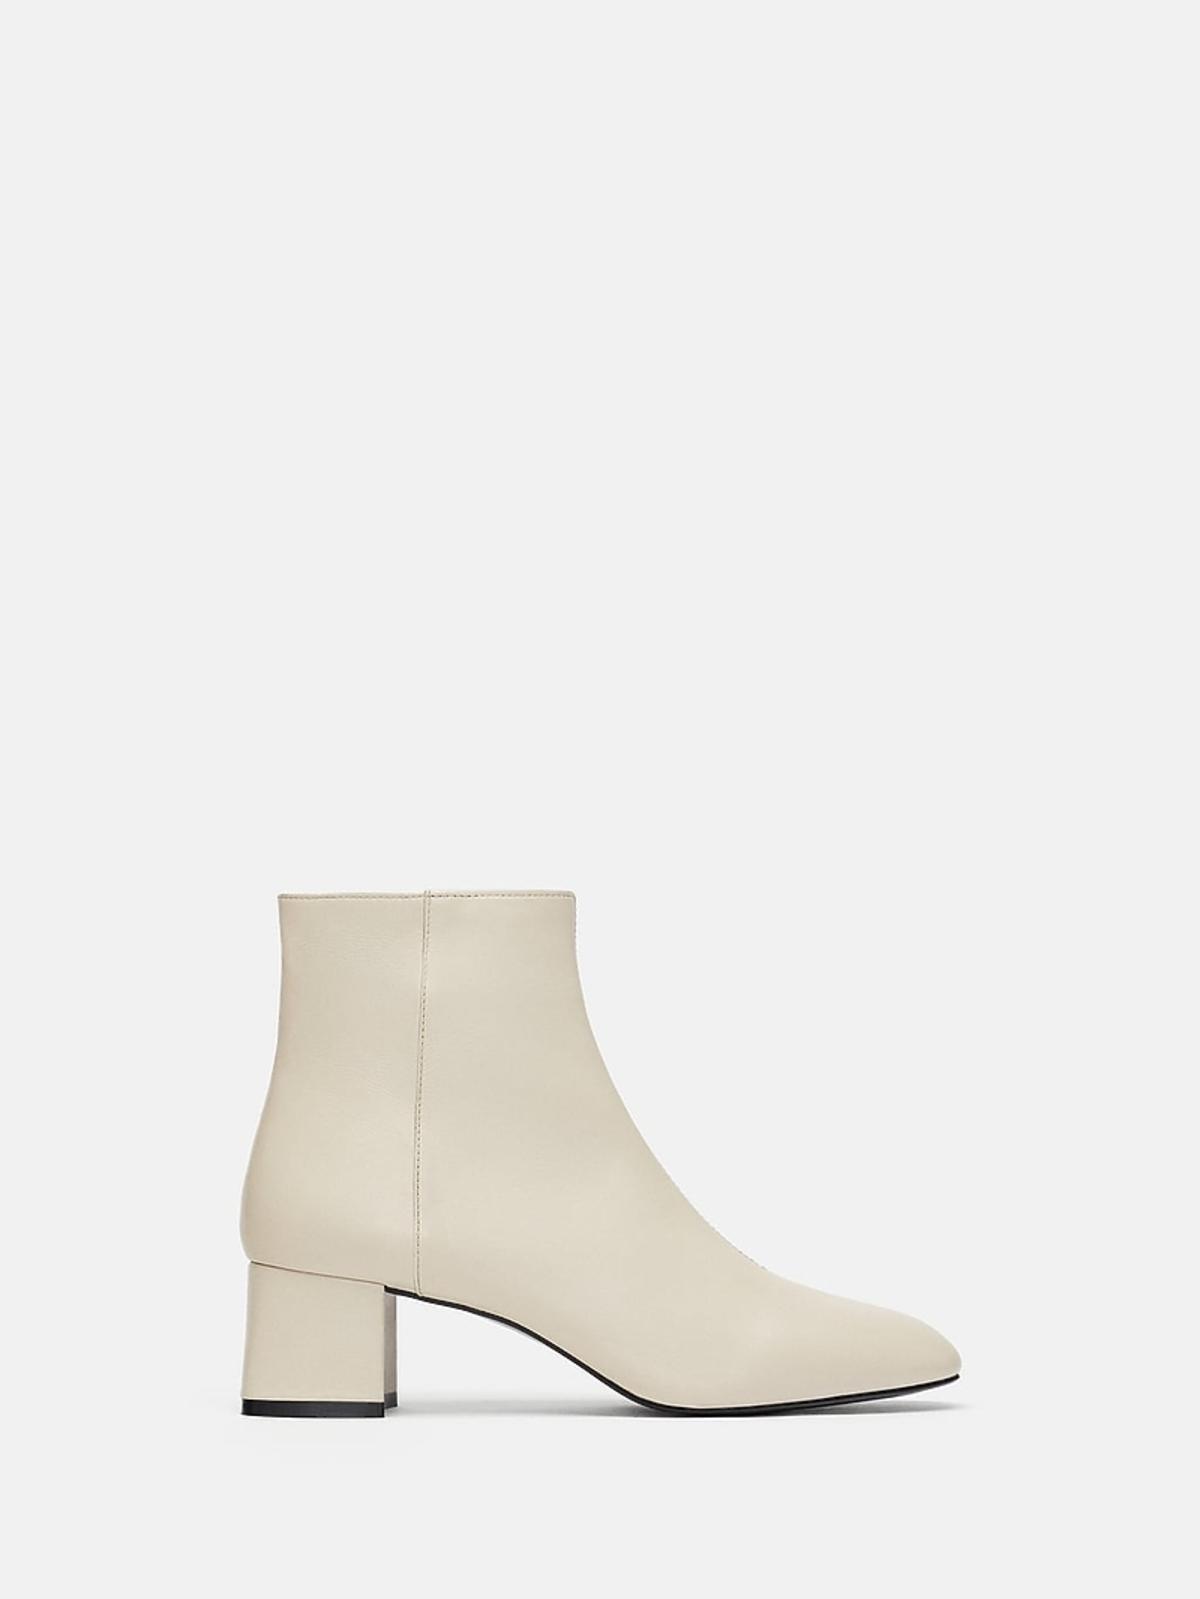 Białe botki Zara cena 259 zł